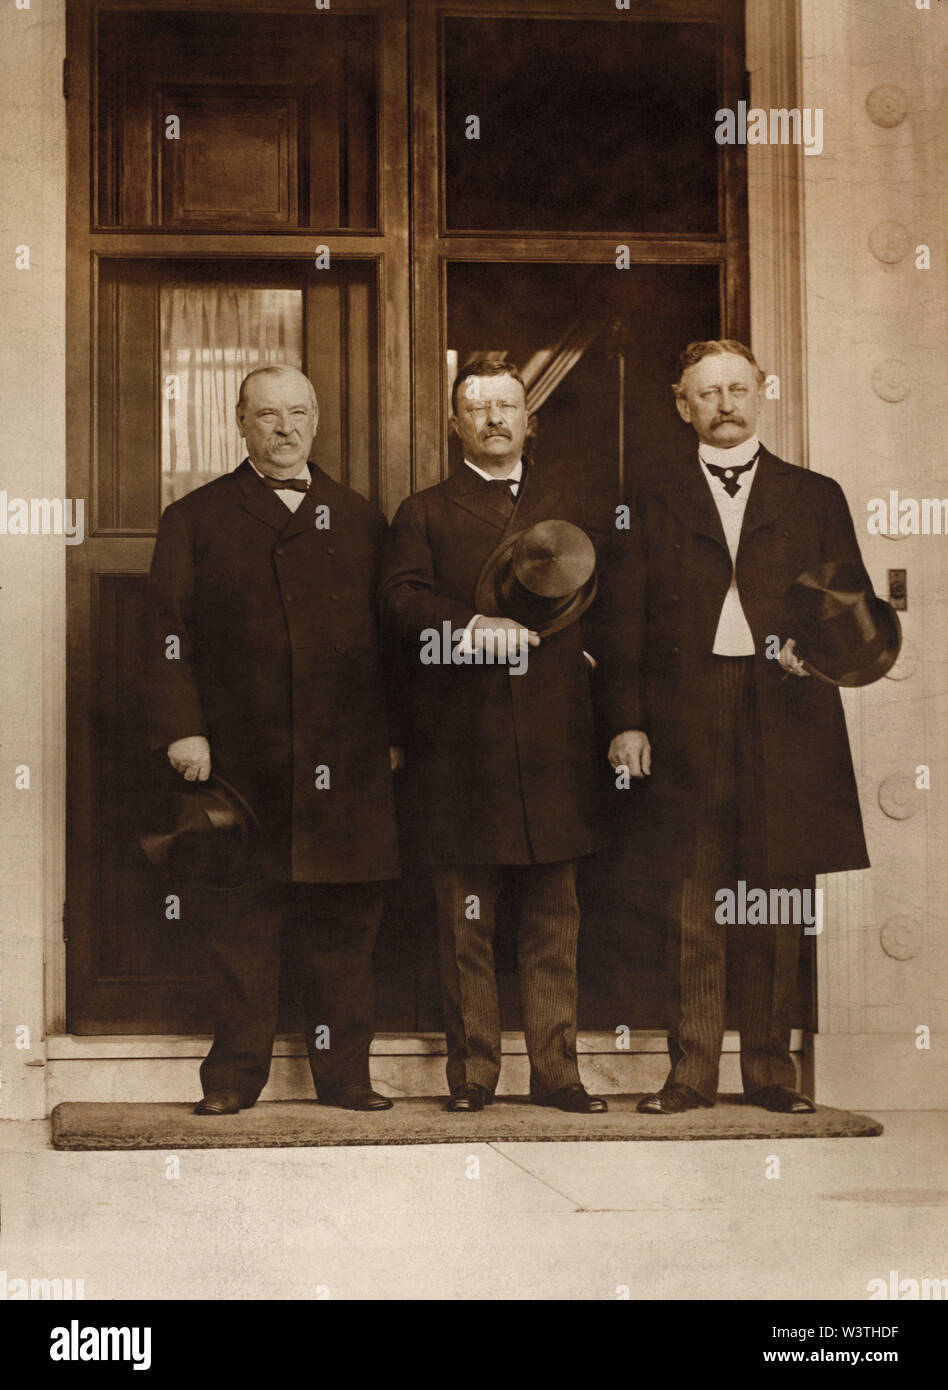 El ex presidente de Estados Unidos, Grover Cleveland, el Presidente Theodore Roosevelt y David R. Francis, Full-Length retrato, Washington DC, Estados Unidos, Fotografía por Murillo Studio, 1903 Imagen De Stock